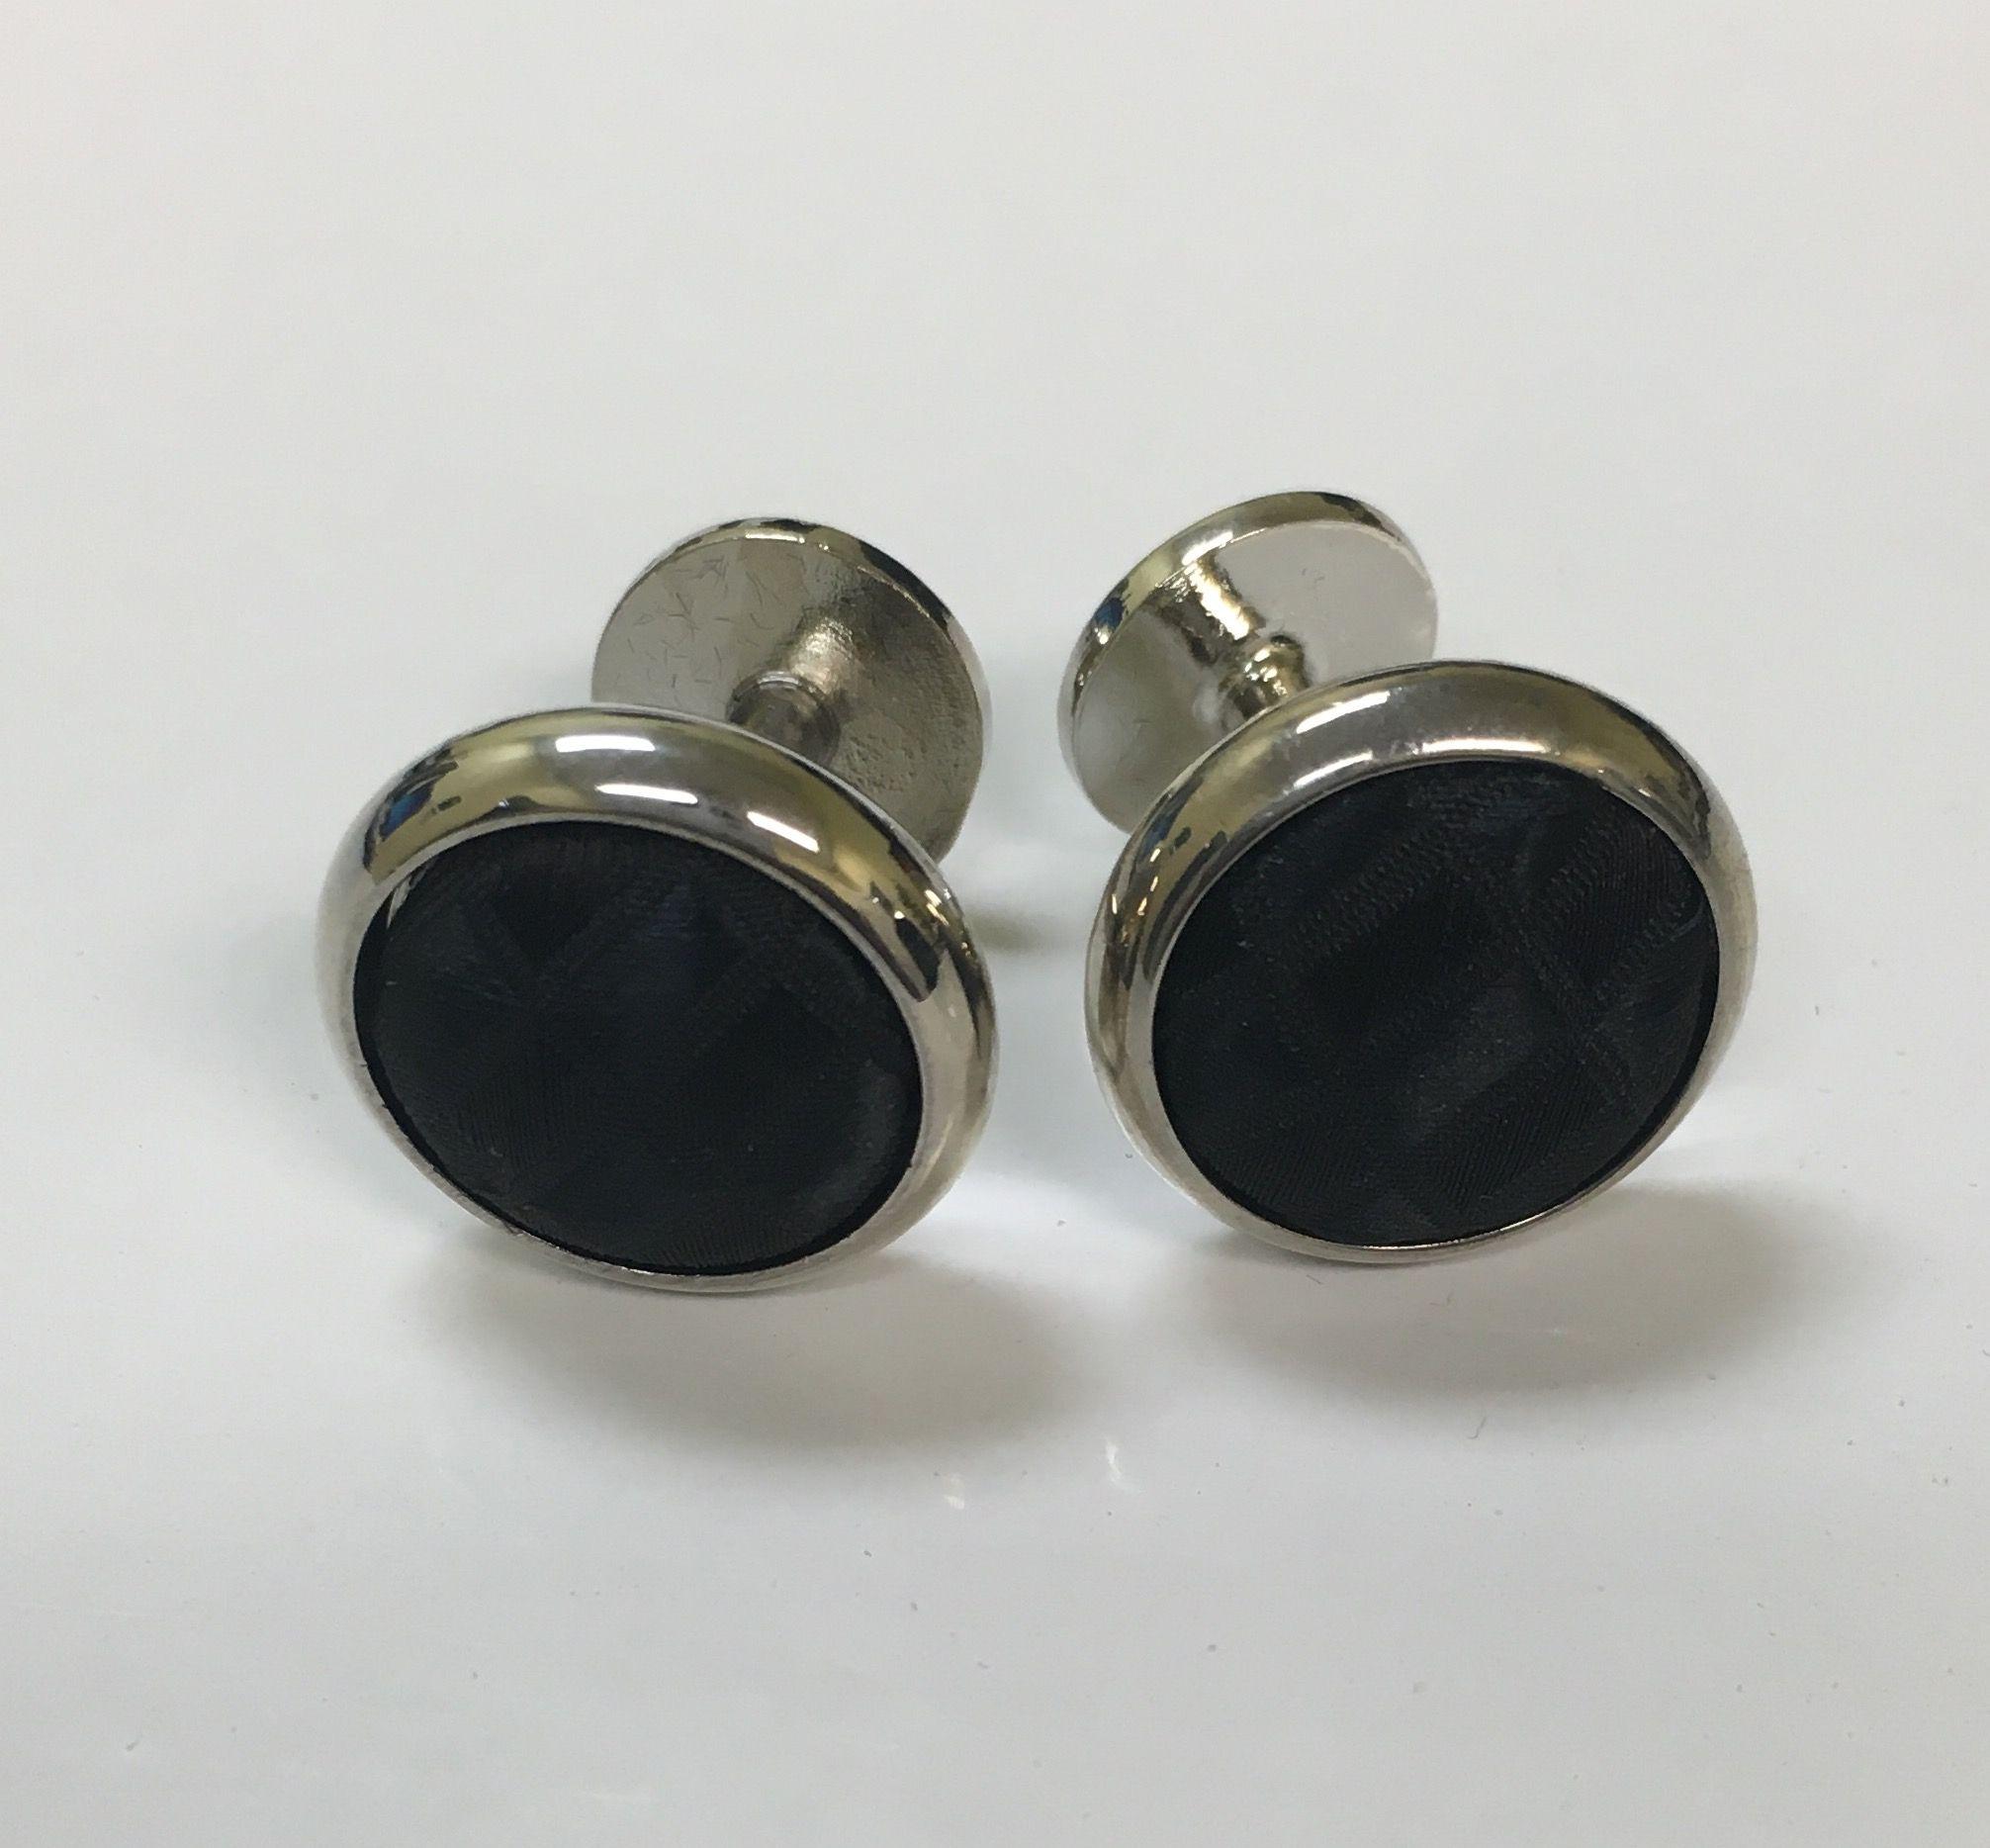 *2 Pc. Exquisite Fabric Cufflinks - Black